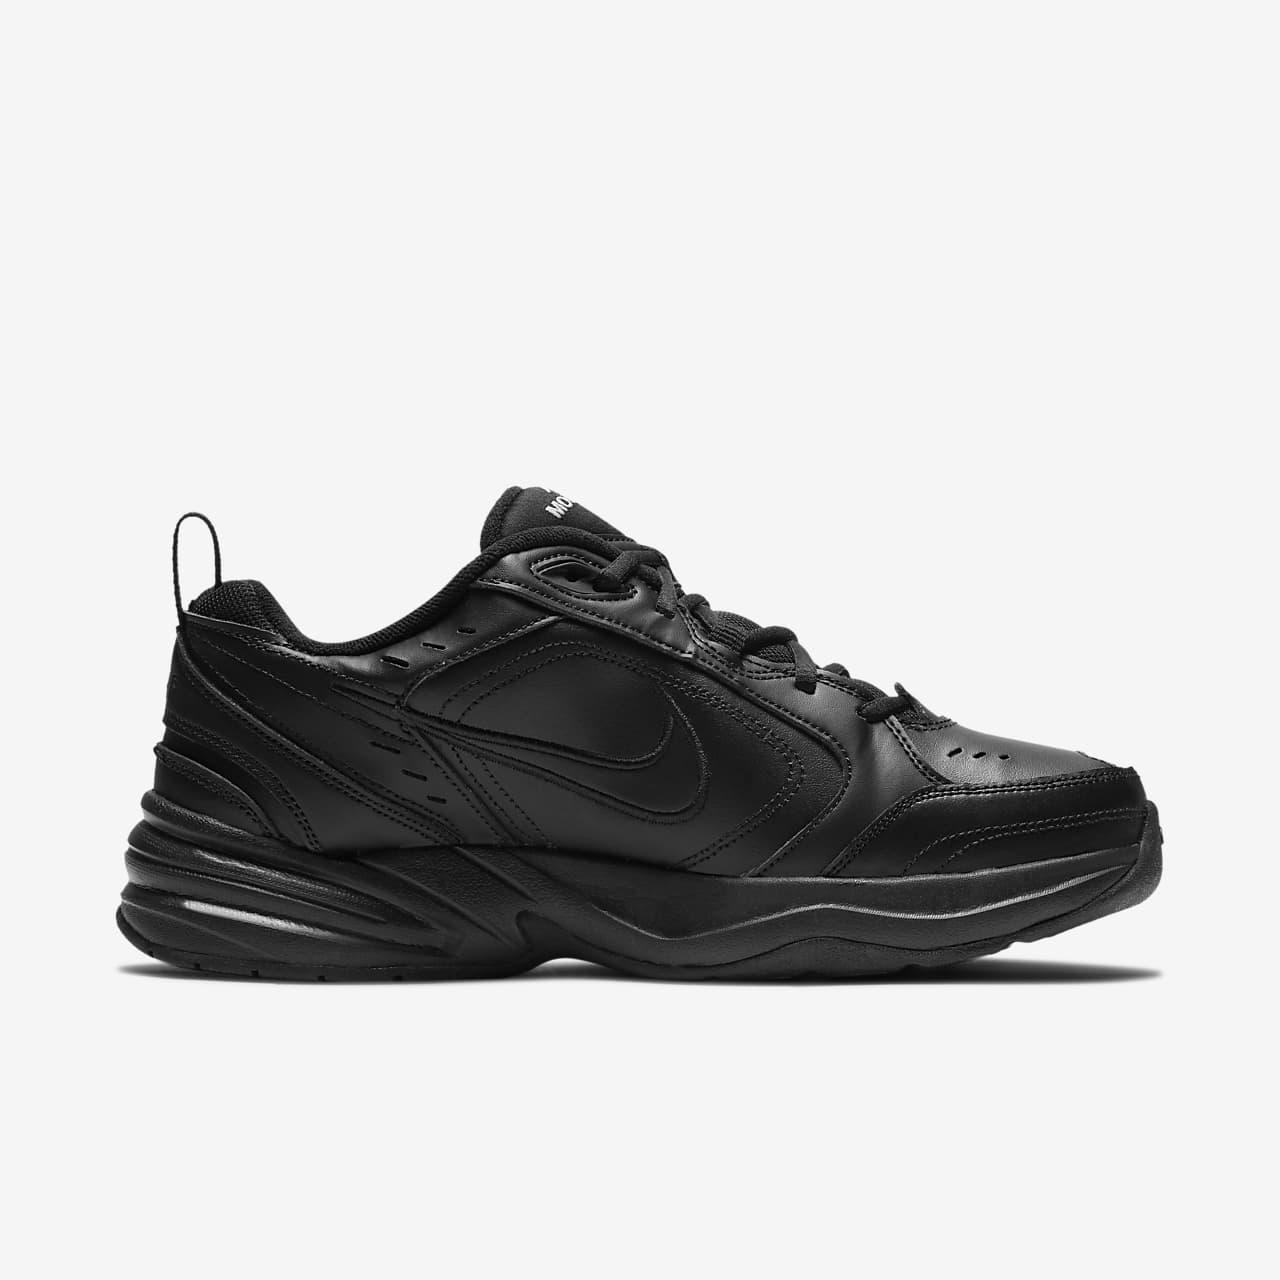 Nike Air Schuh Lifestylefitnessstudio Für Monarch Iv iTOPwXklZu